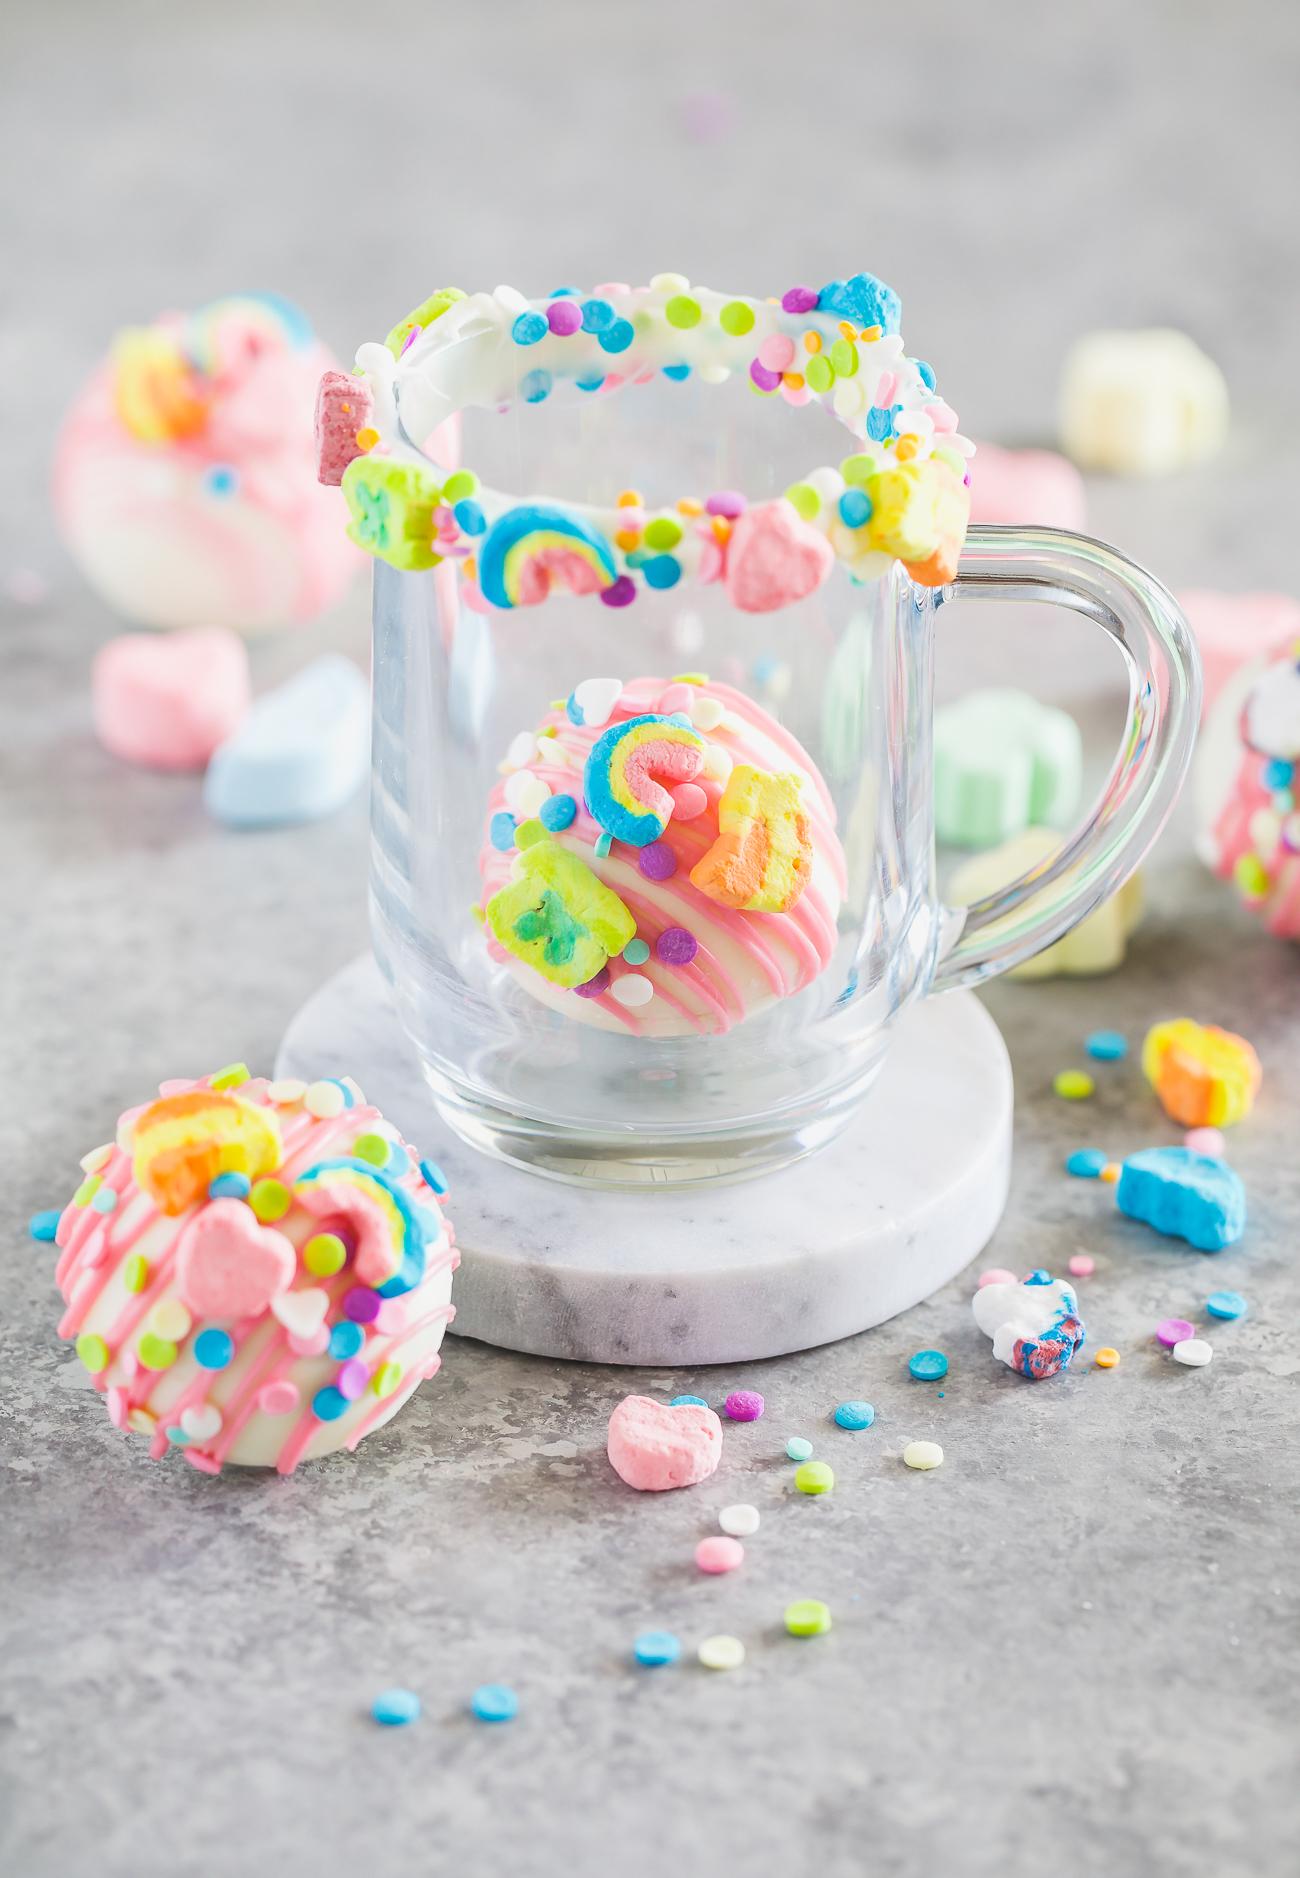 clear mug with rainbow lucky charms chocolate bombs